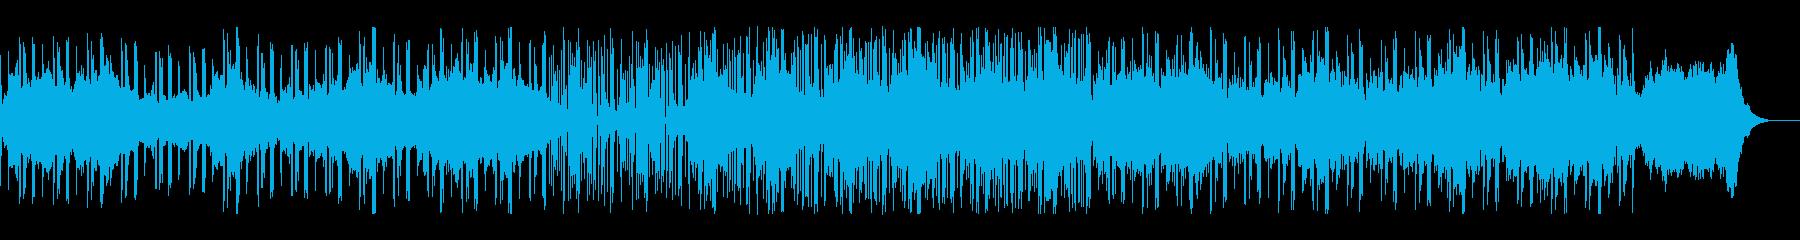 癒しと瞑想のシネマティックなチルサウンドの再生済みの波形